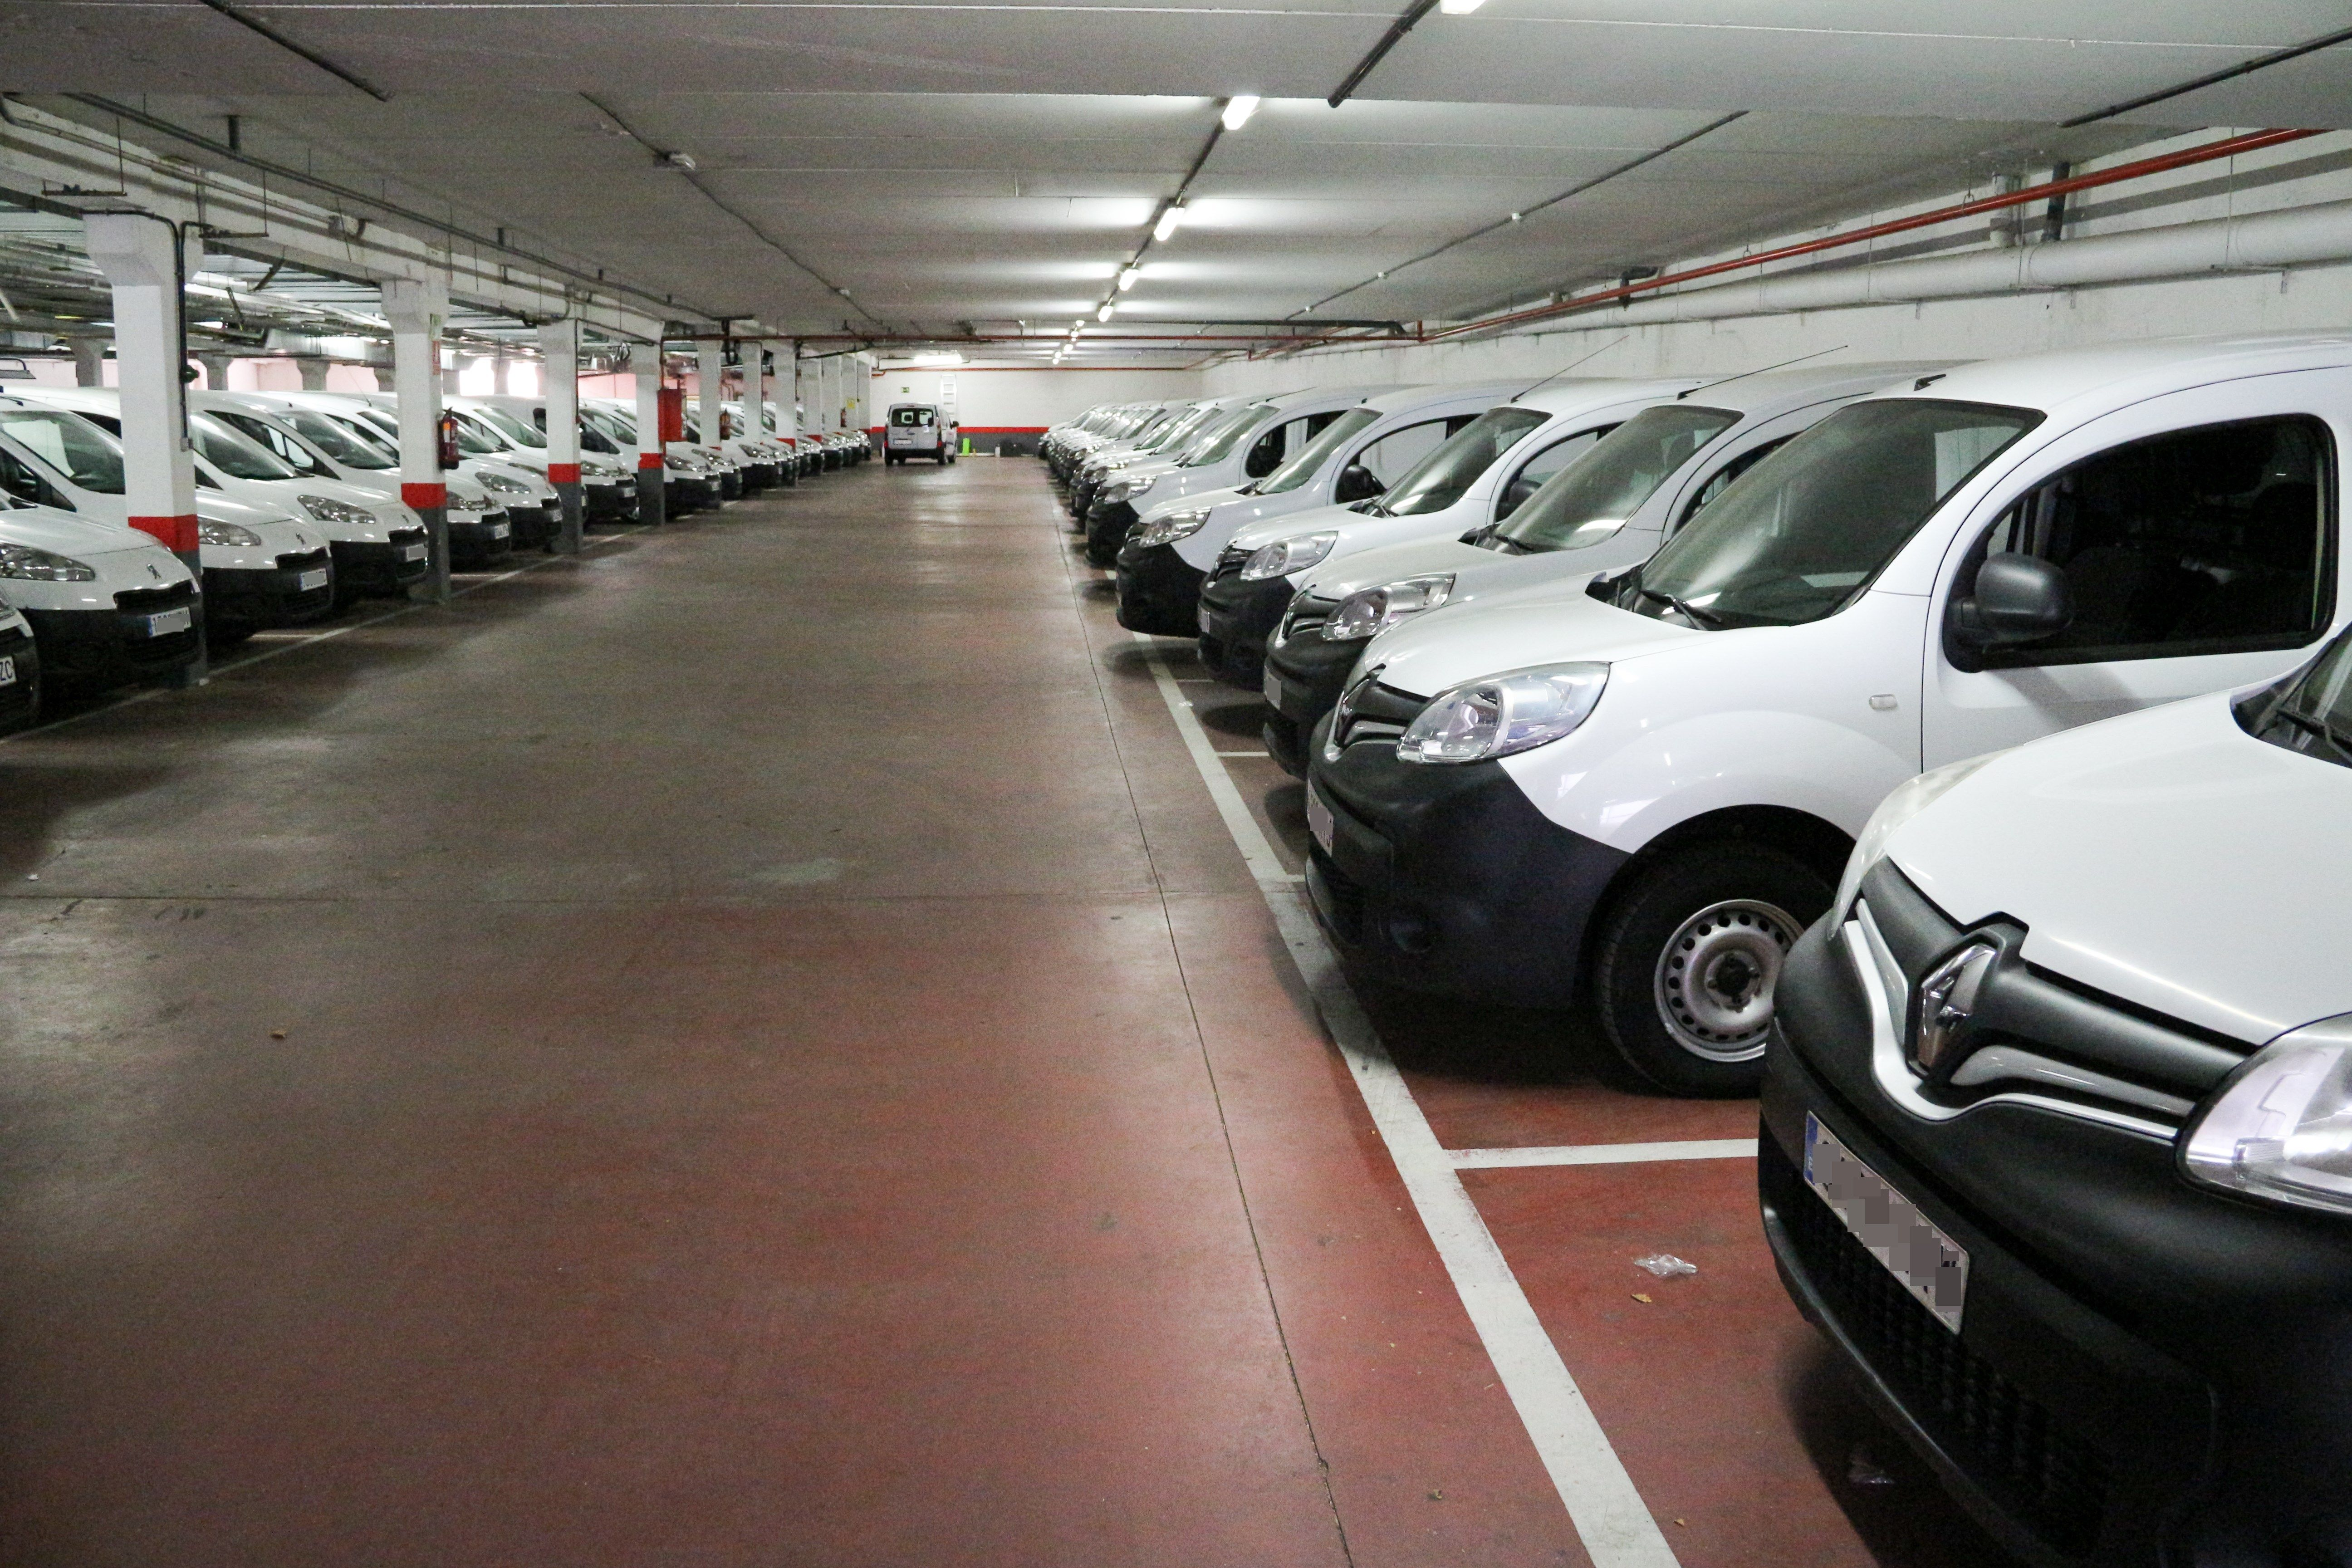 Parking Furgonetas a Buen Precio